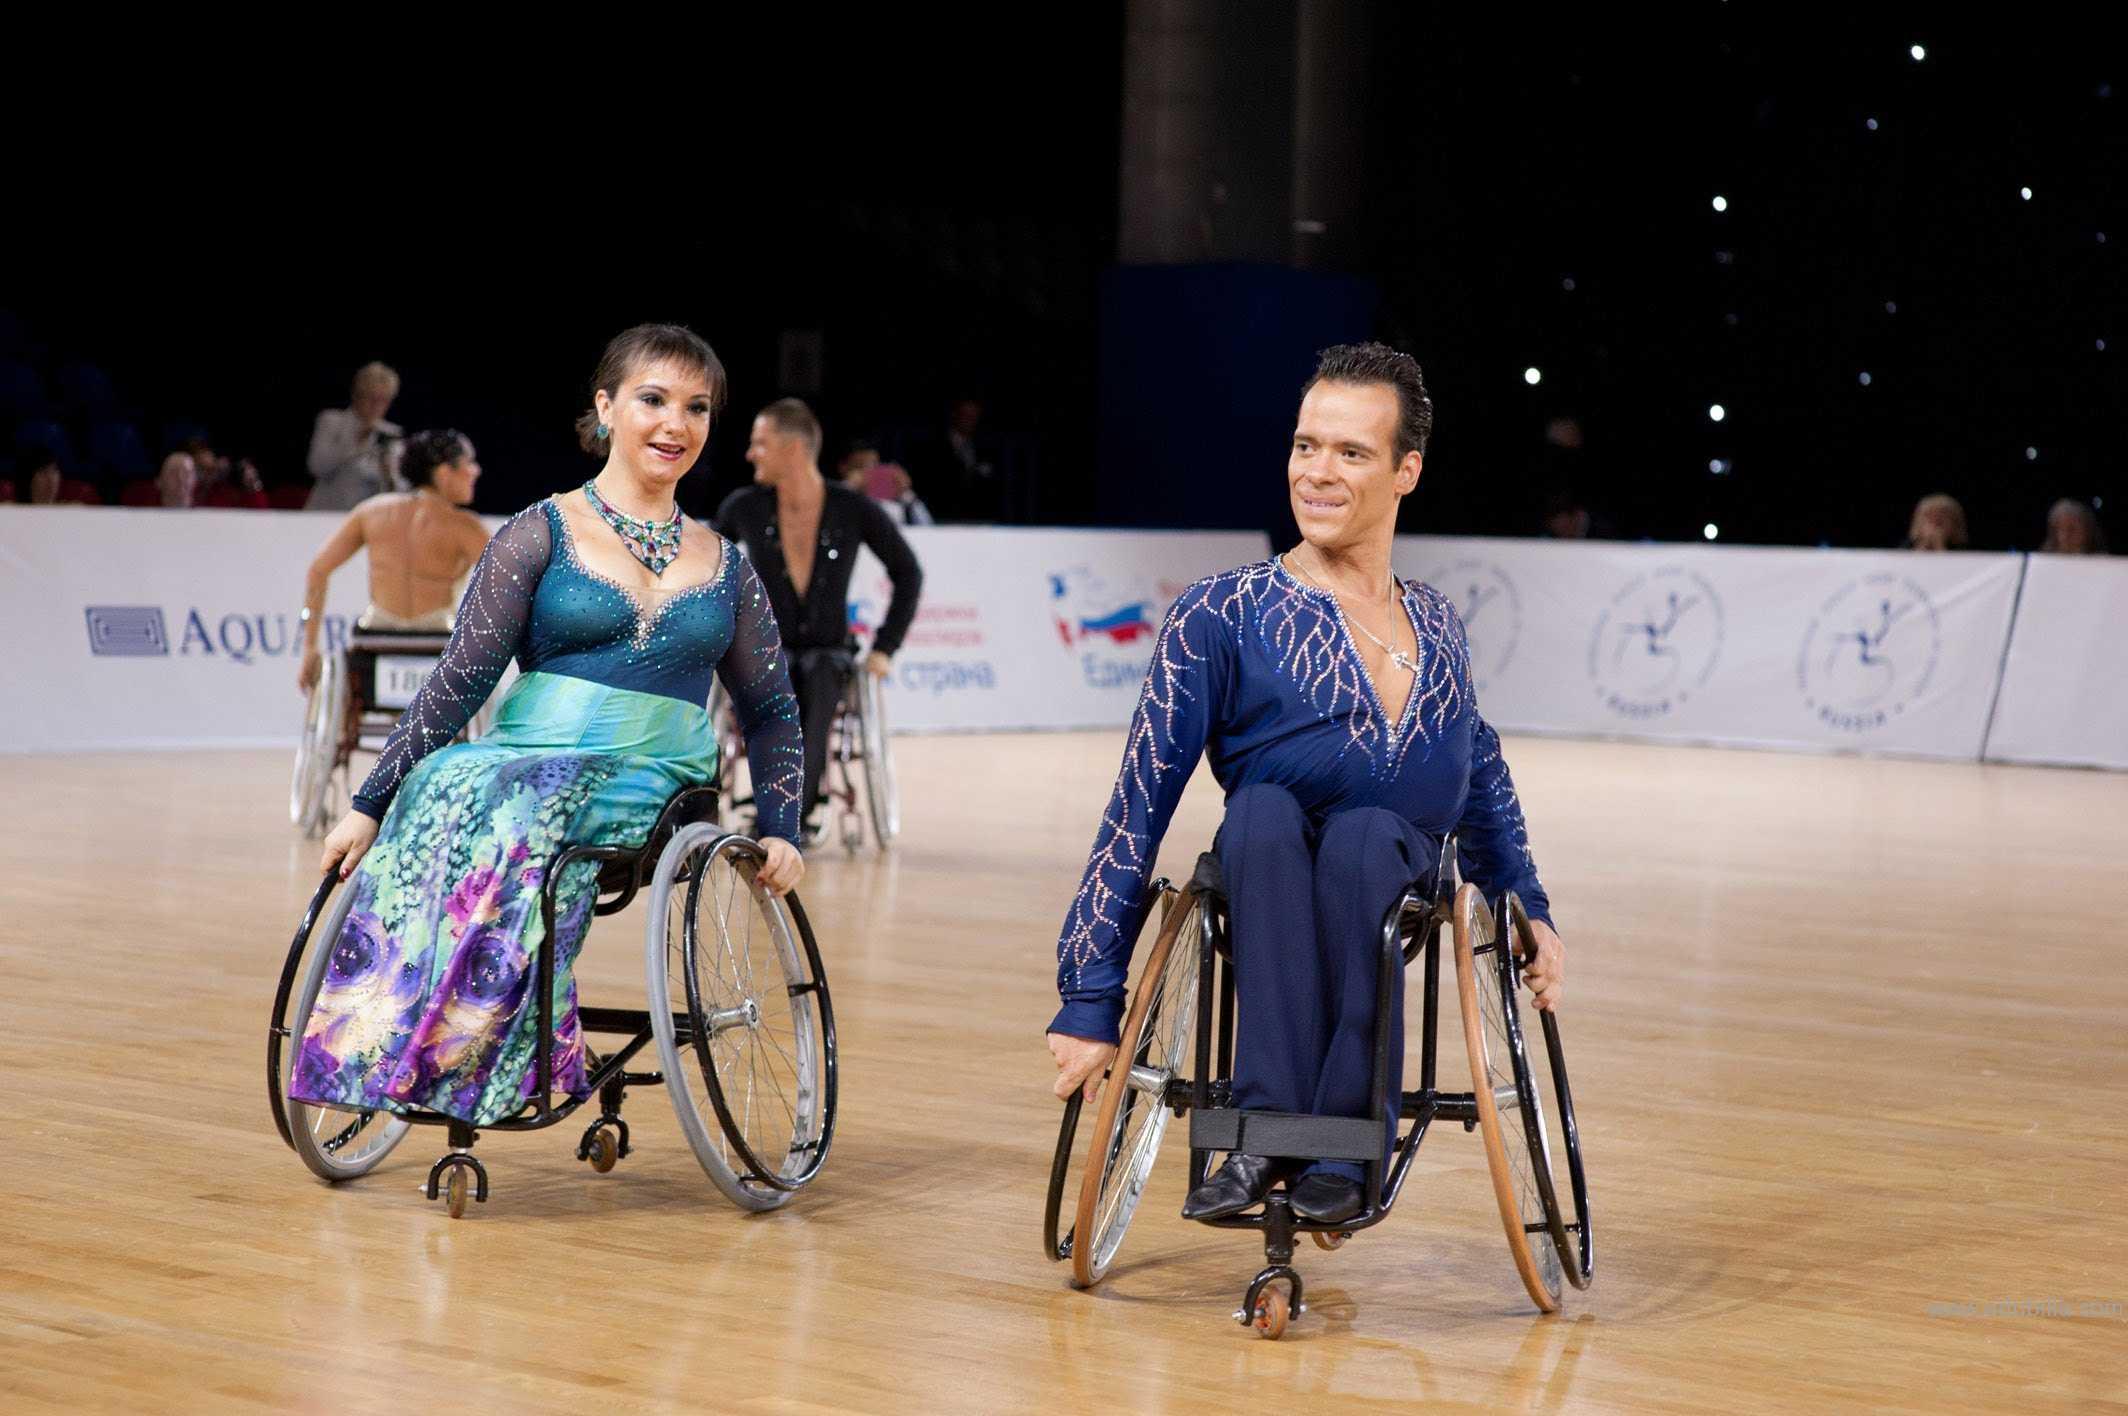 wheelchairdancesport7.jpg